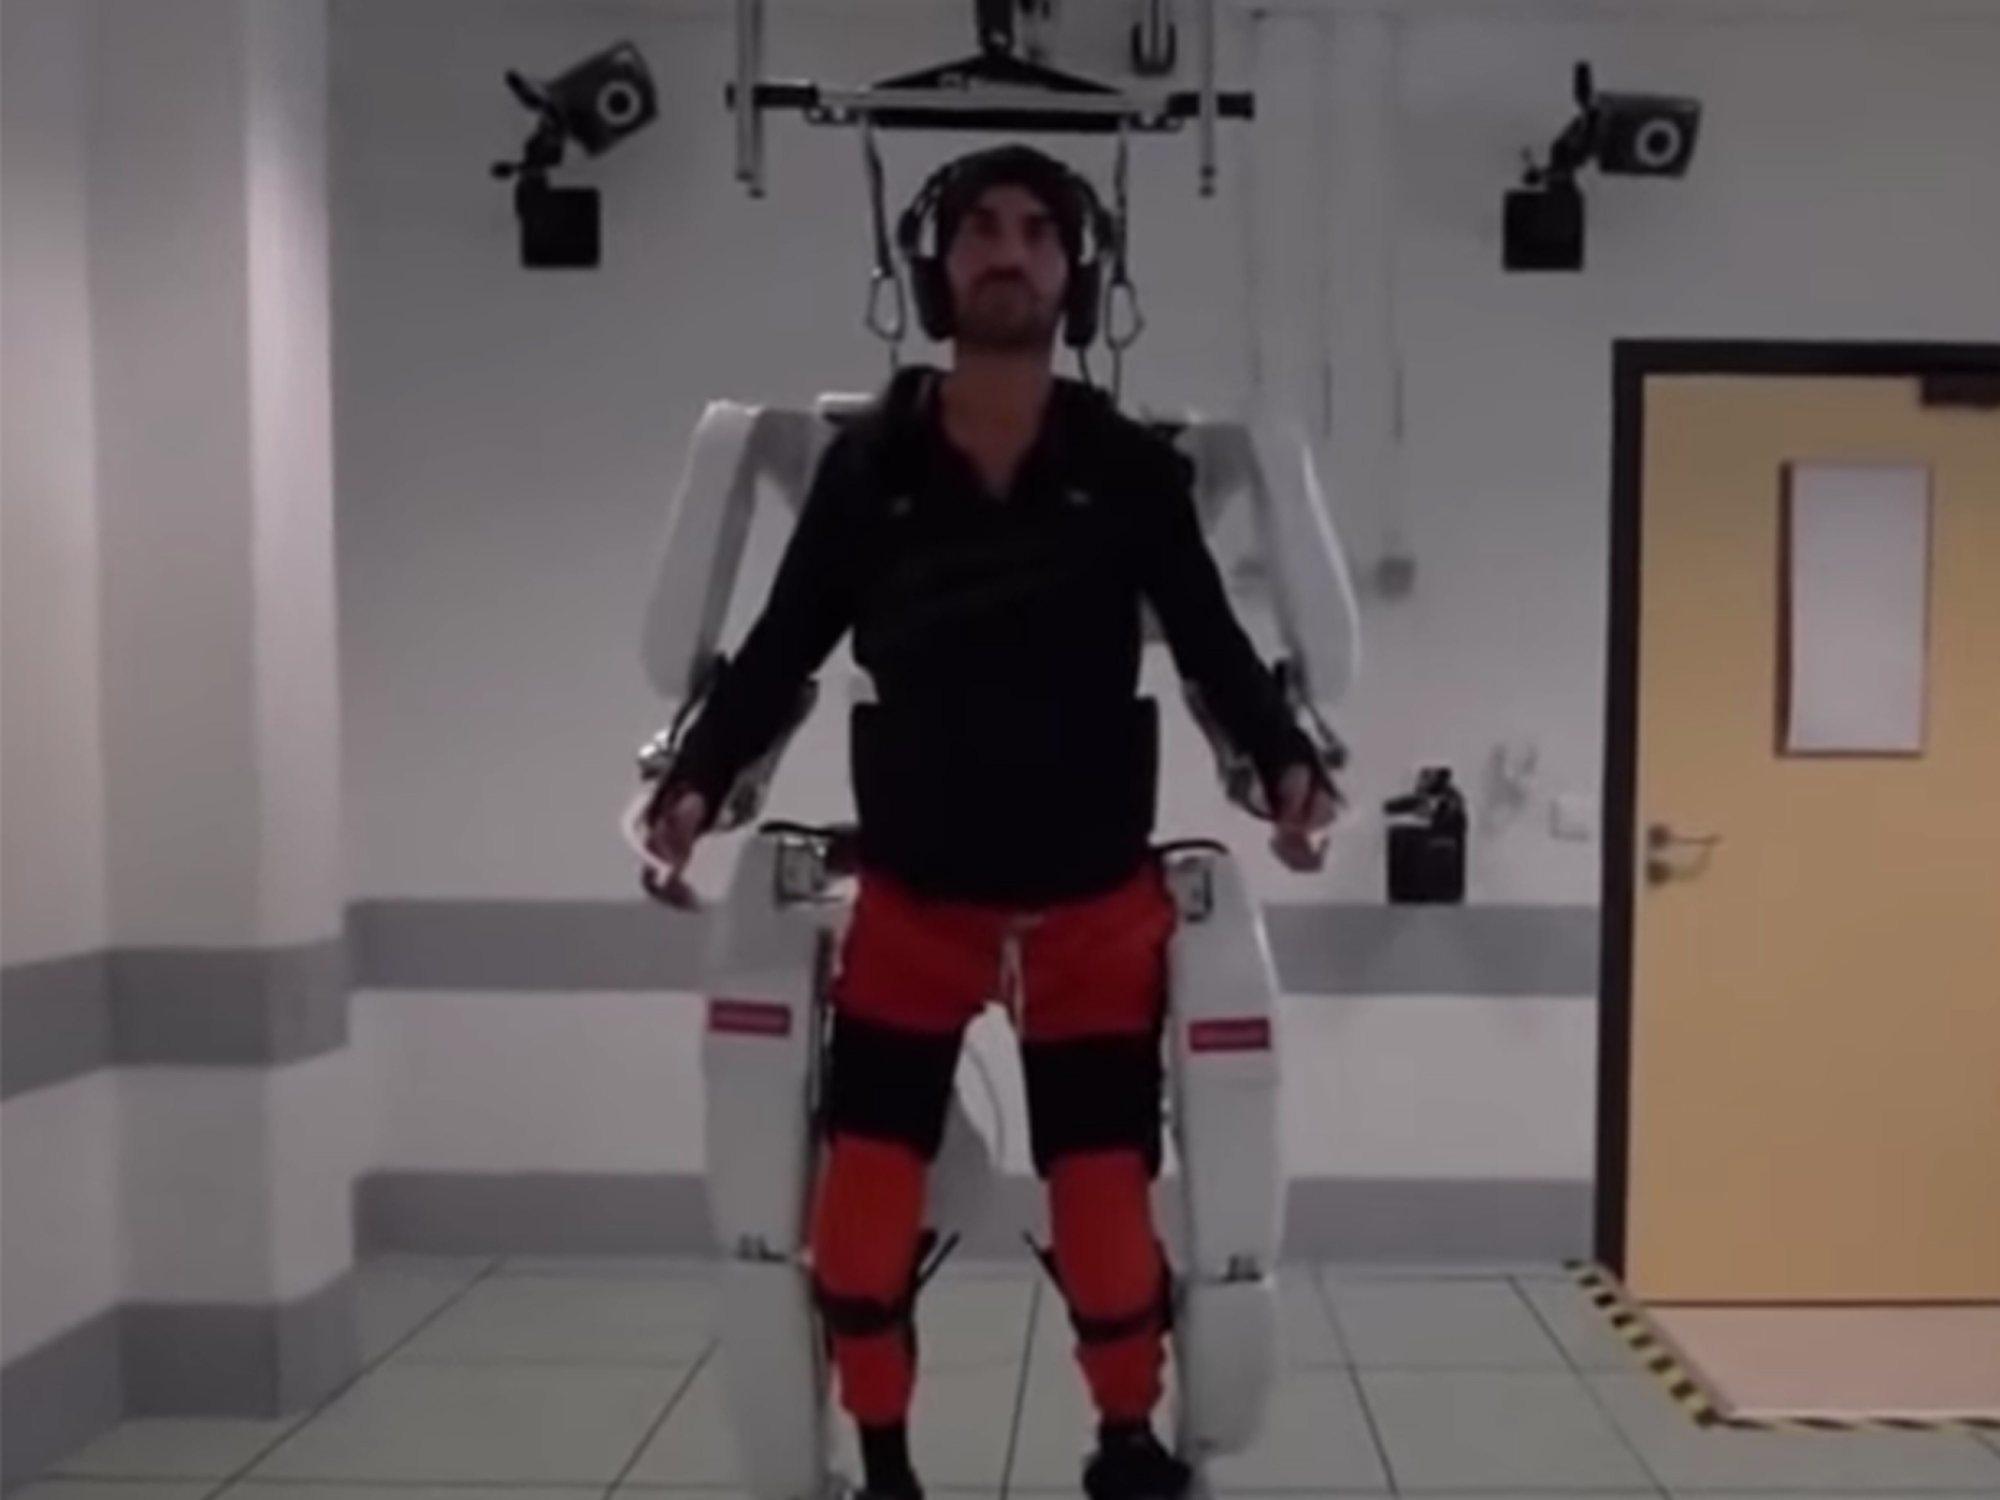 Un paciente tretapléjico vuelve a mover su cuerpo gracias a un exoesqueleto dirigido mentalmente